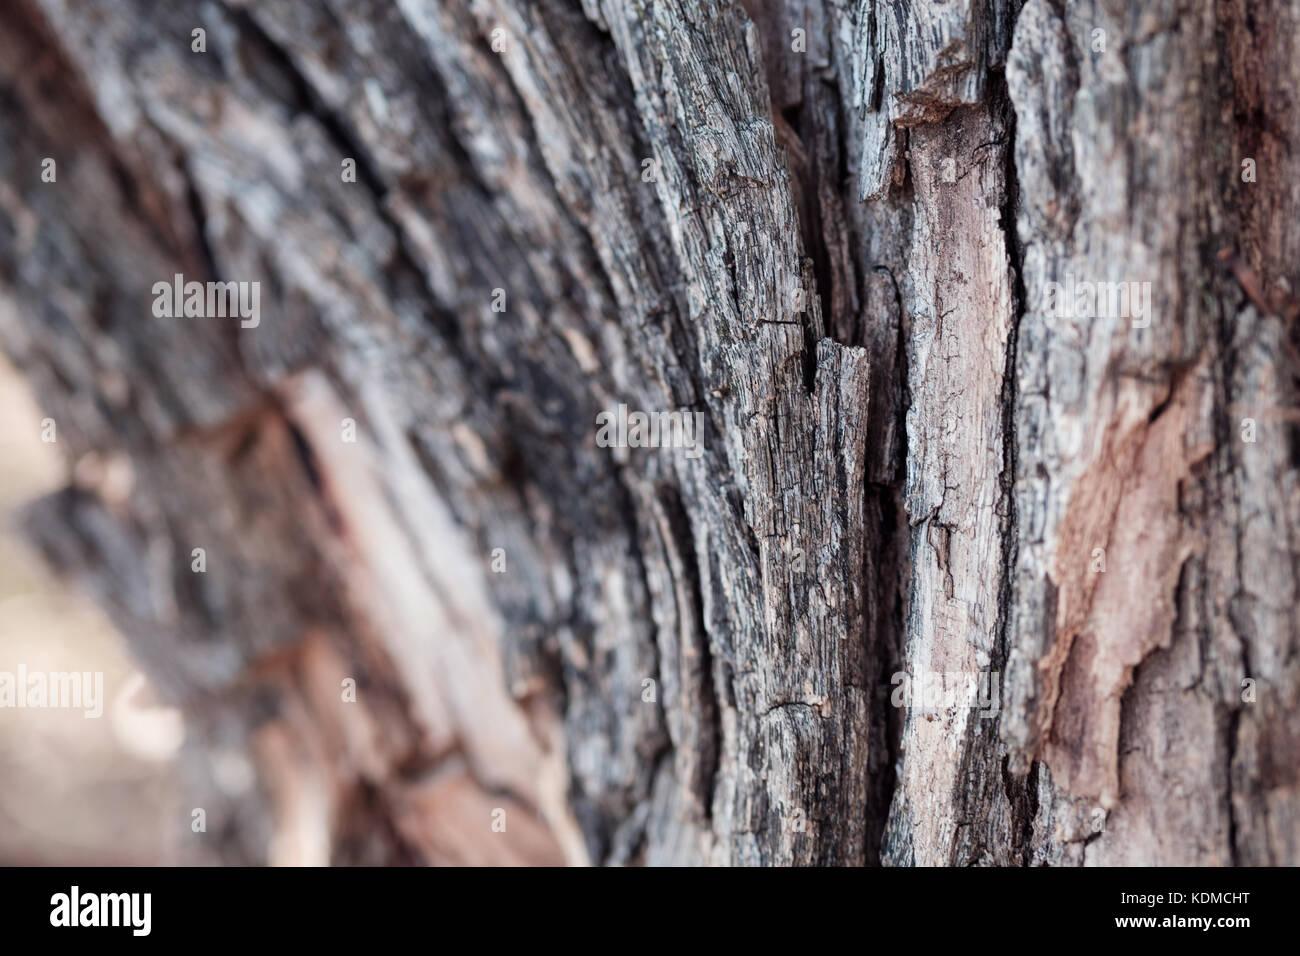 Natürliche Beleuchtung   Schonen Baum Barks Schuss In Naturliche Beleuchtung Und Farbe Alt